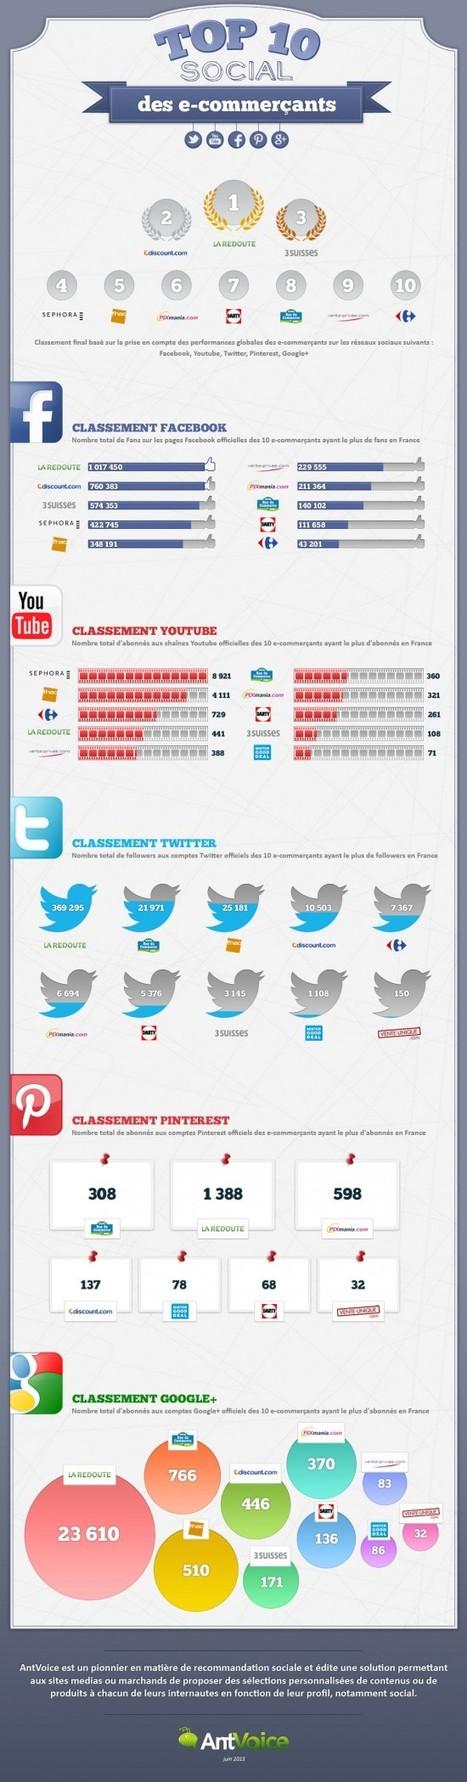 Top 10 du e-commerce sur les réseaux sociaux | Médias sociaux : actualités et pépites du web | Scoop.it